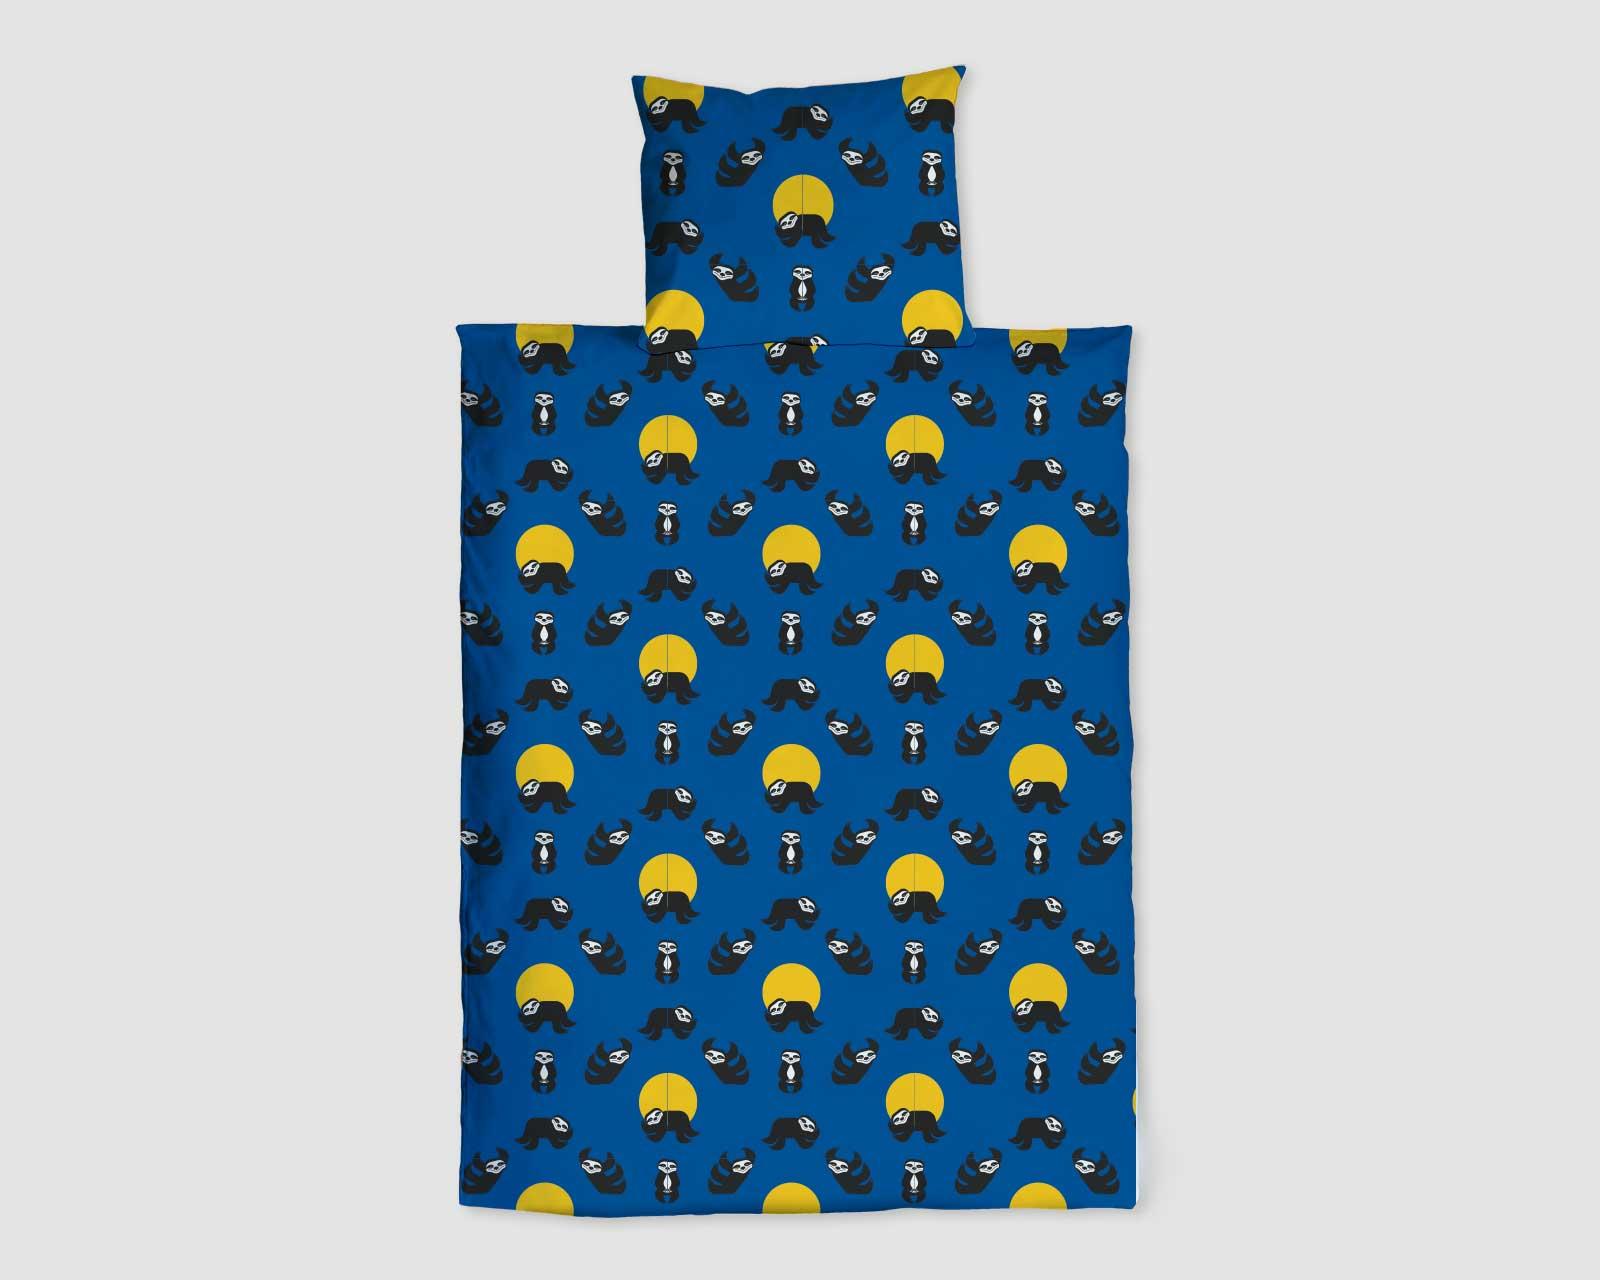 Peuter junior dekbedovertrek Nijlpaard Pie zwart wit 120 x 150 Blauw Wild Nights Luiaard print dubbelzijdig